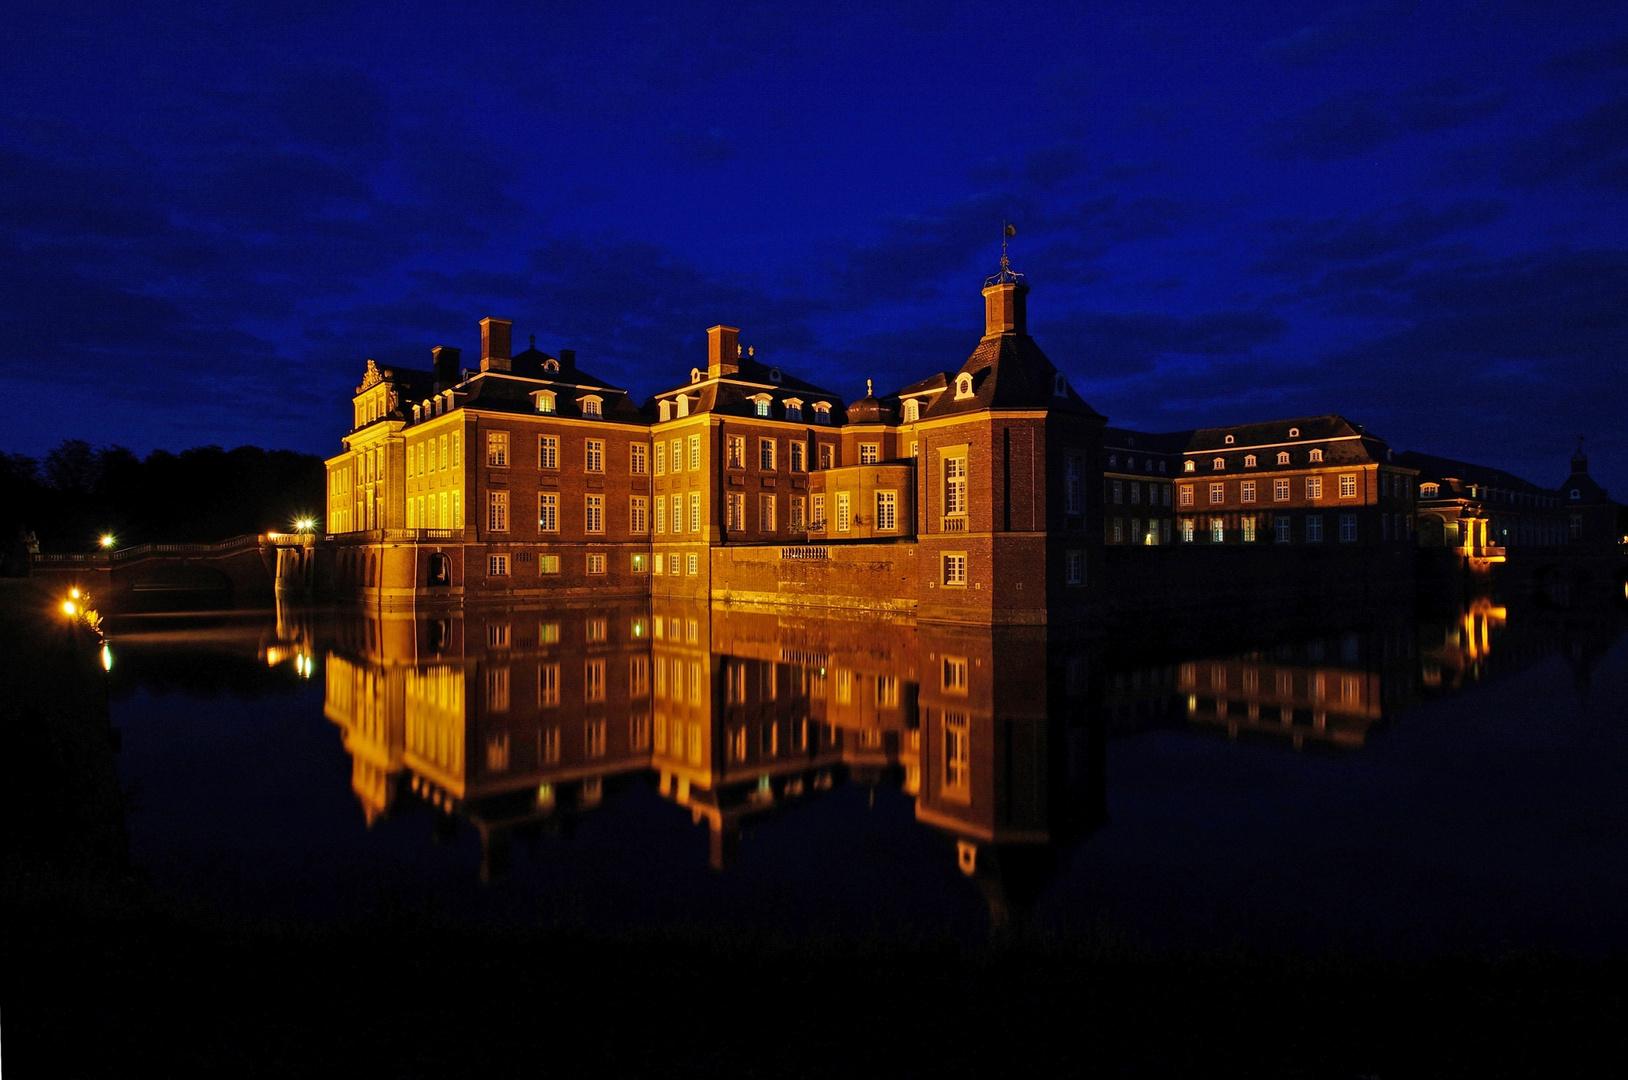 Schloss Nordkirchen zur (späten) blauen Stunde.